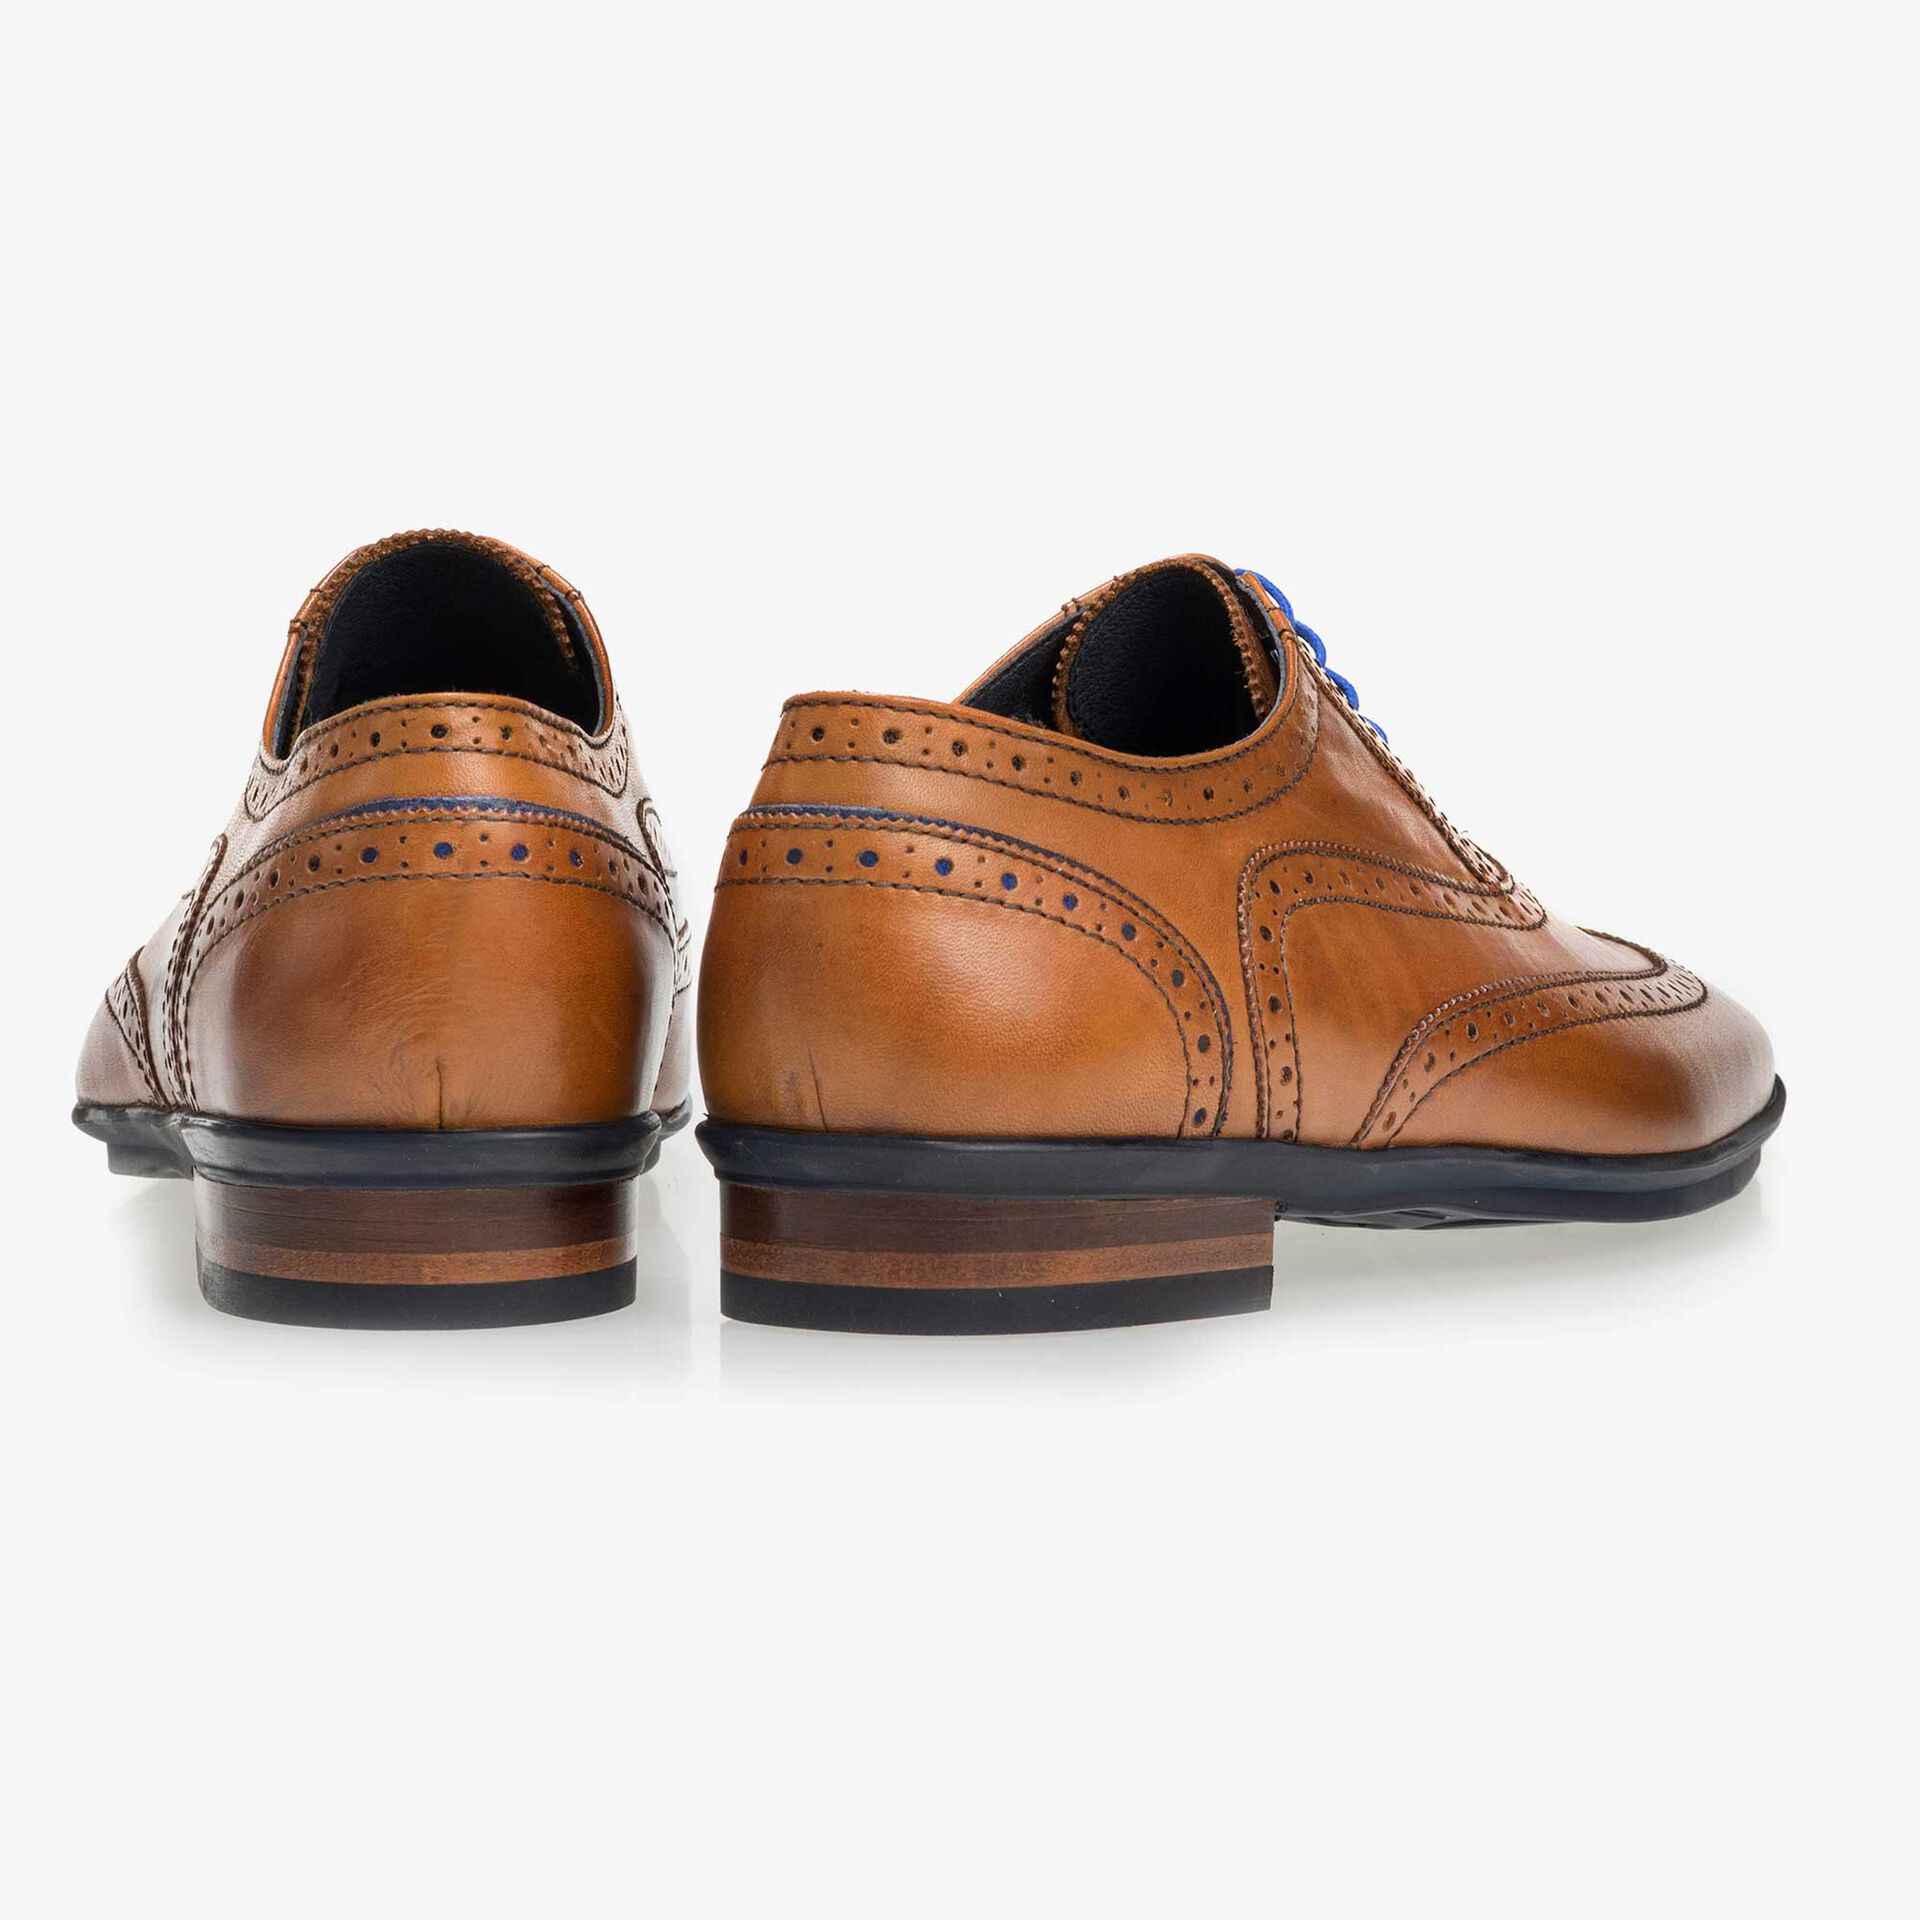 Cognac-coloured brogue leather lace shoe